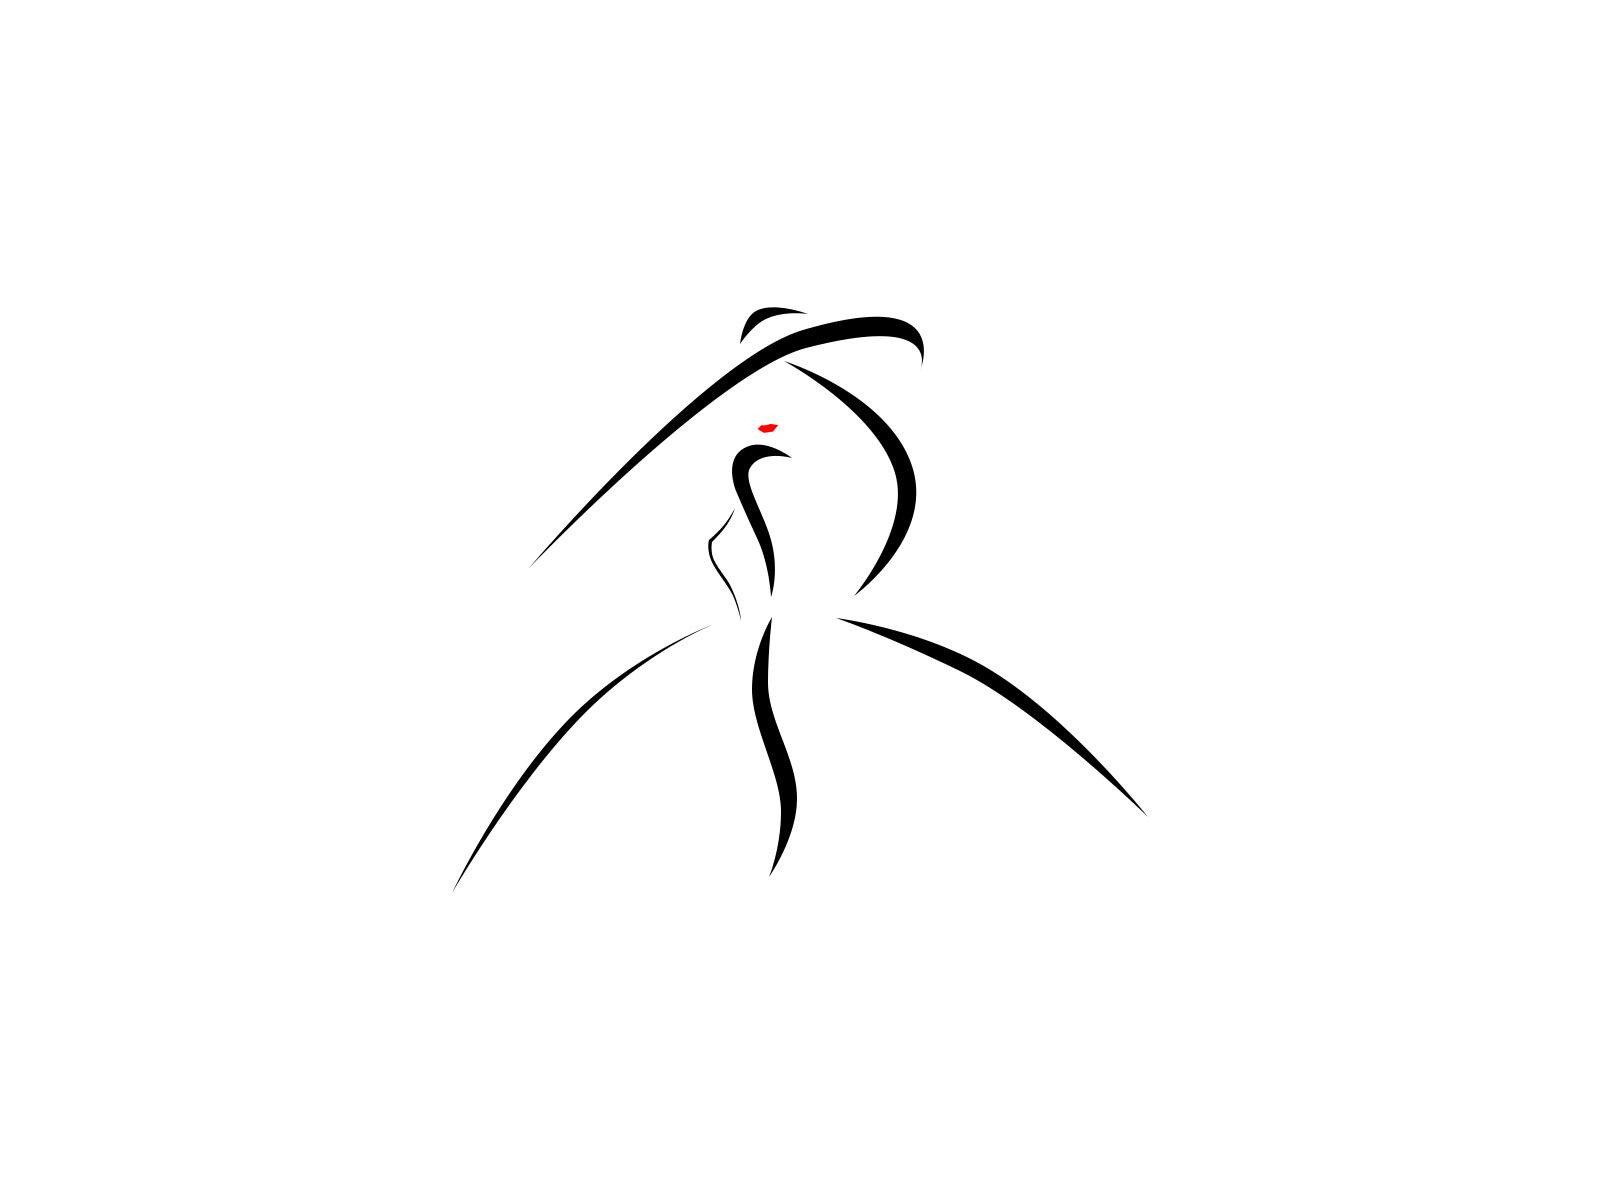 Логотип для брендовой пряжи и трикотажной одежды фото f_193600898524f267.jpg